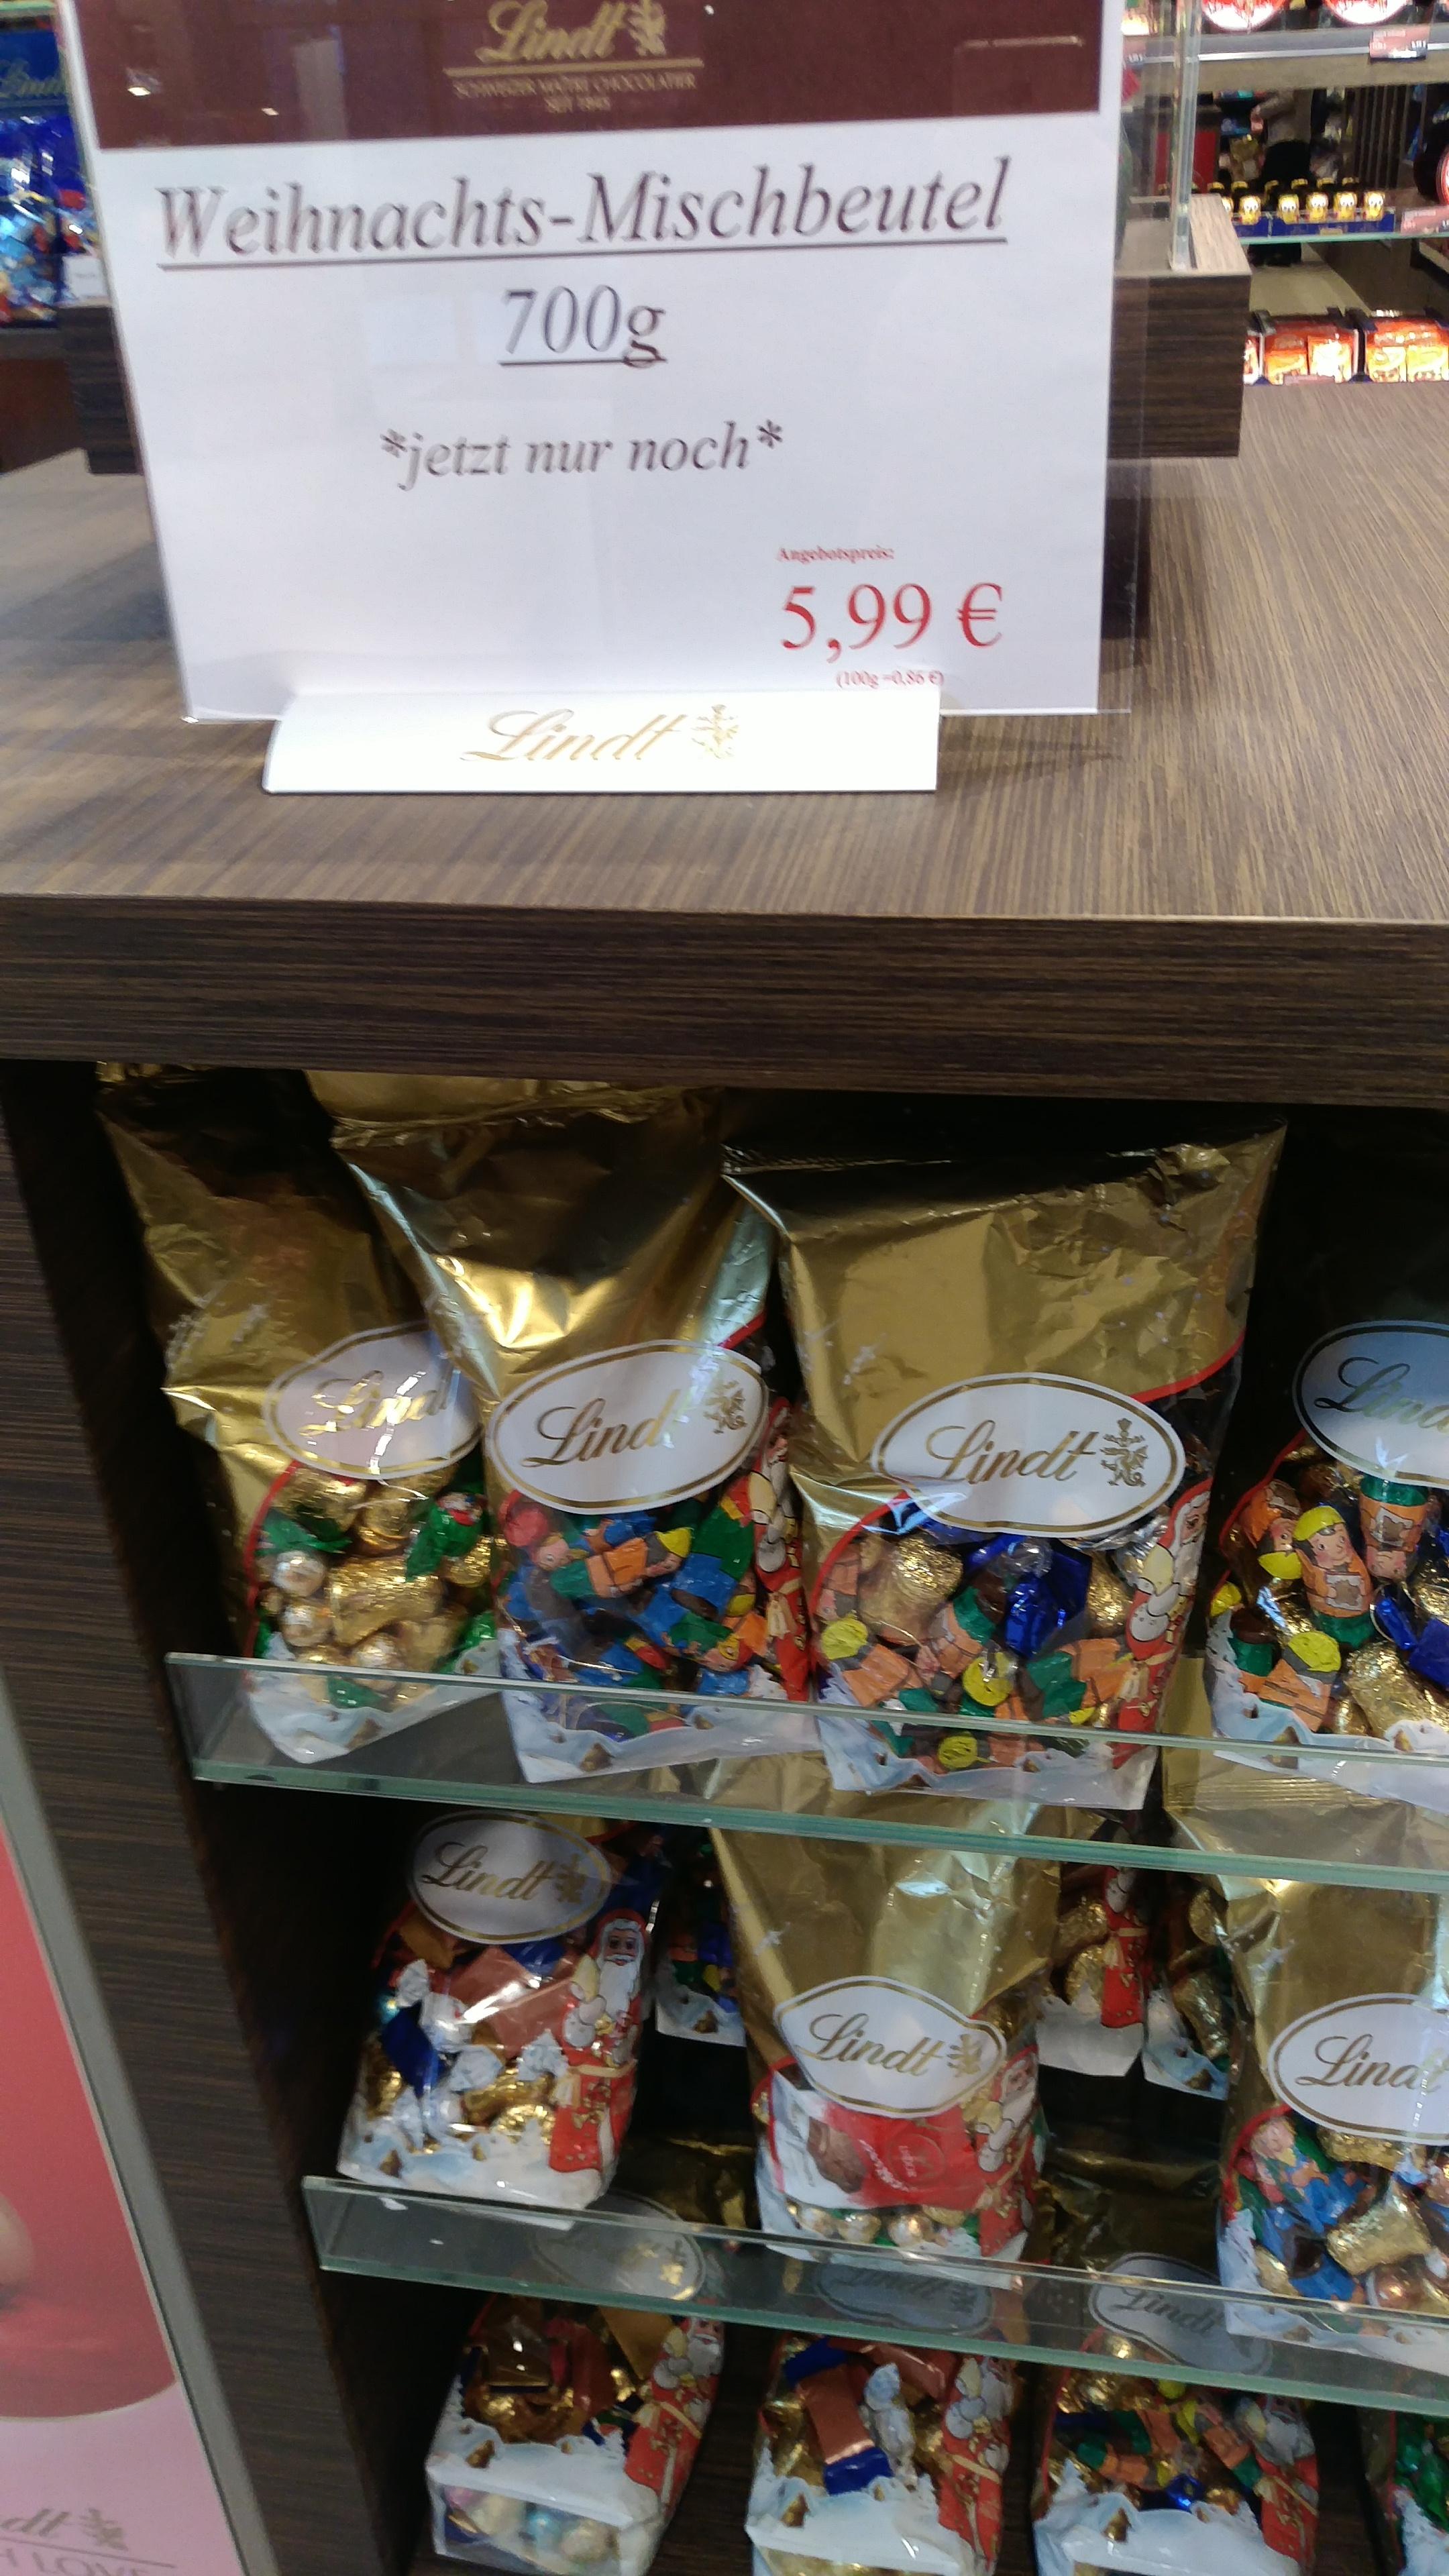 [lokal Geislingen Lindt Outlet] Weihnachts-Mischbeutel 700g für 5,99€